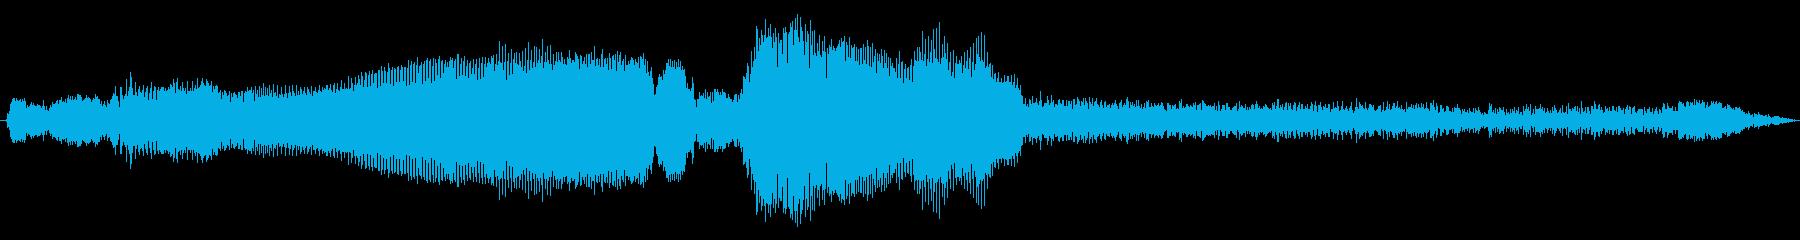 ビンテージ 車 シボレー57加速エ...の再生済みの波形